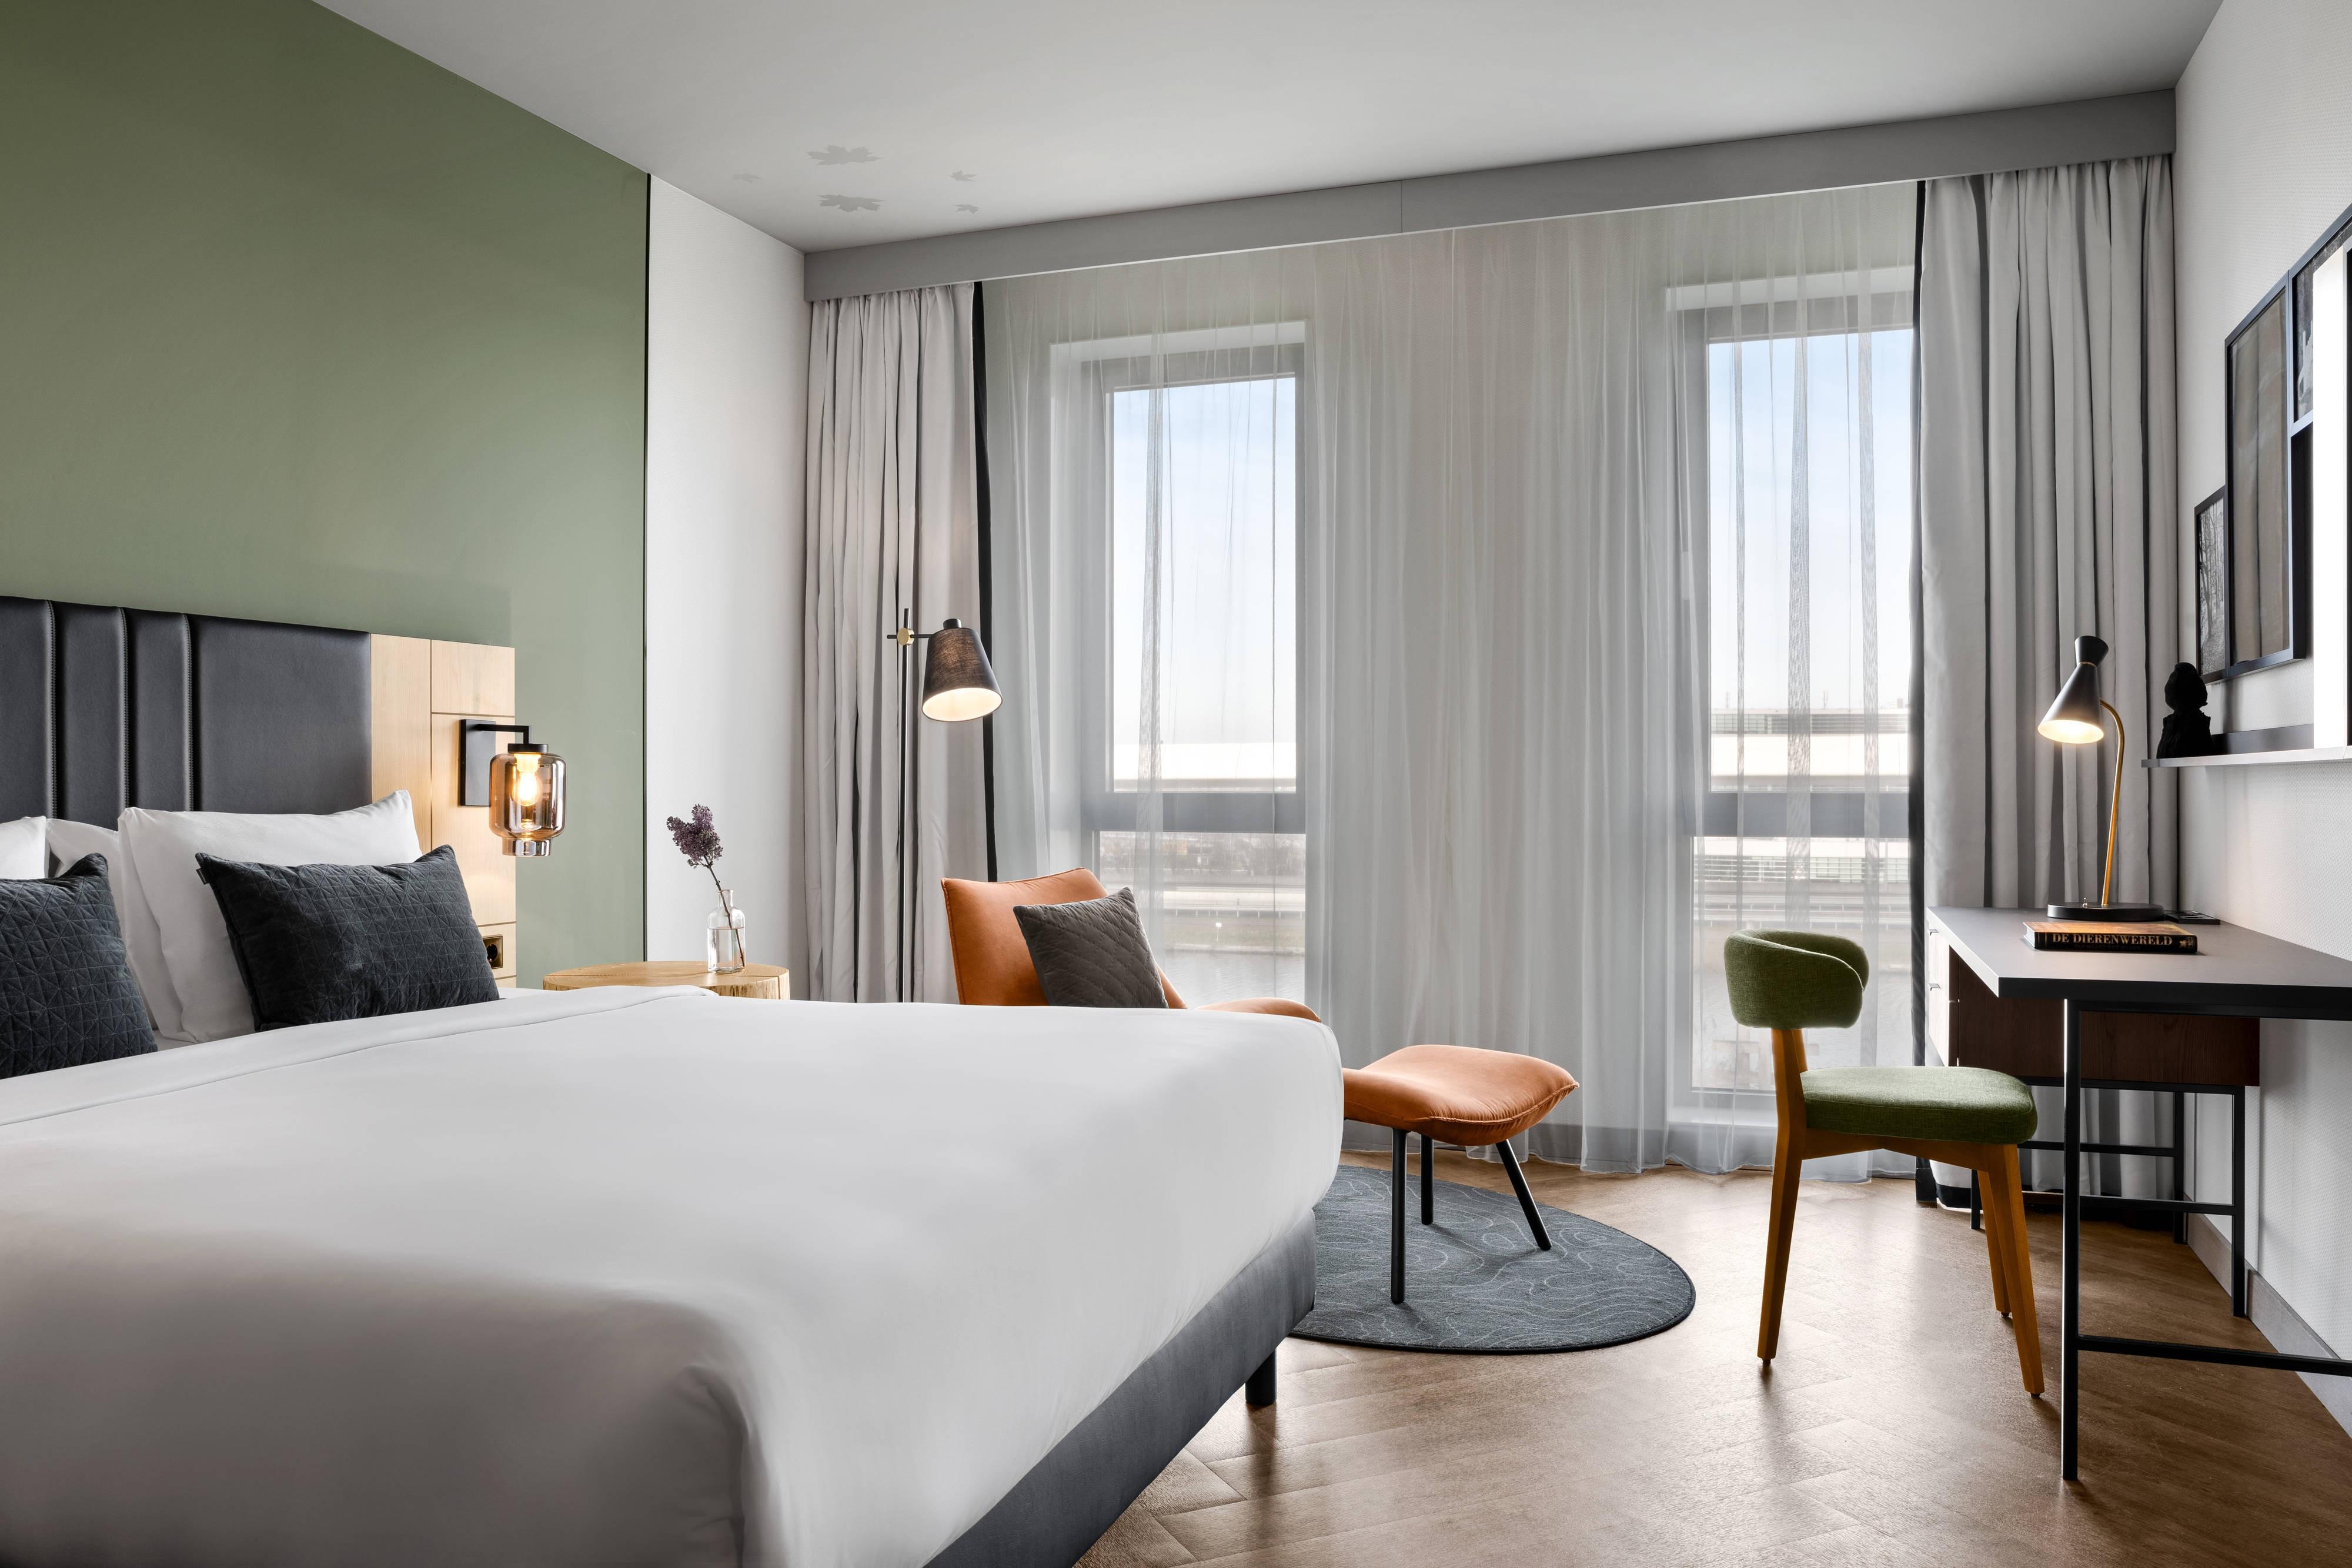 Chambre supérieure avec lit king-size